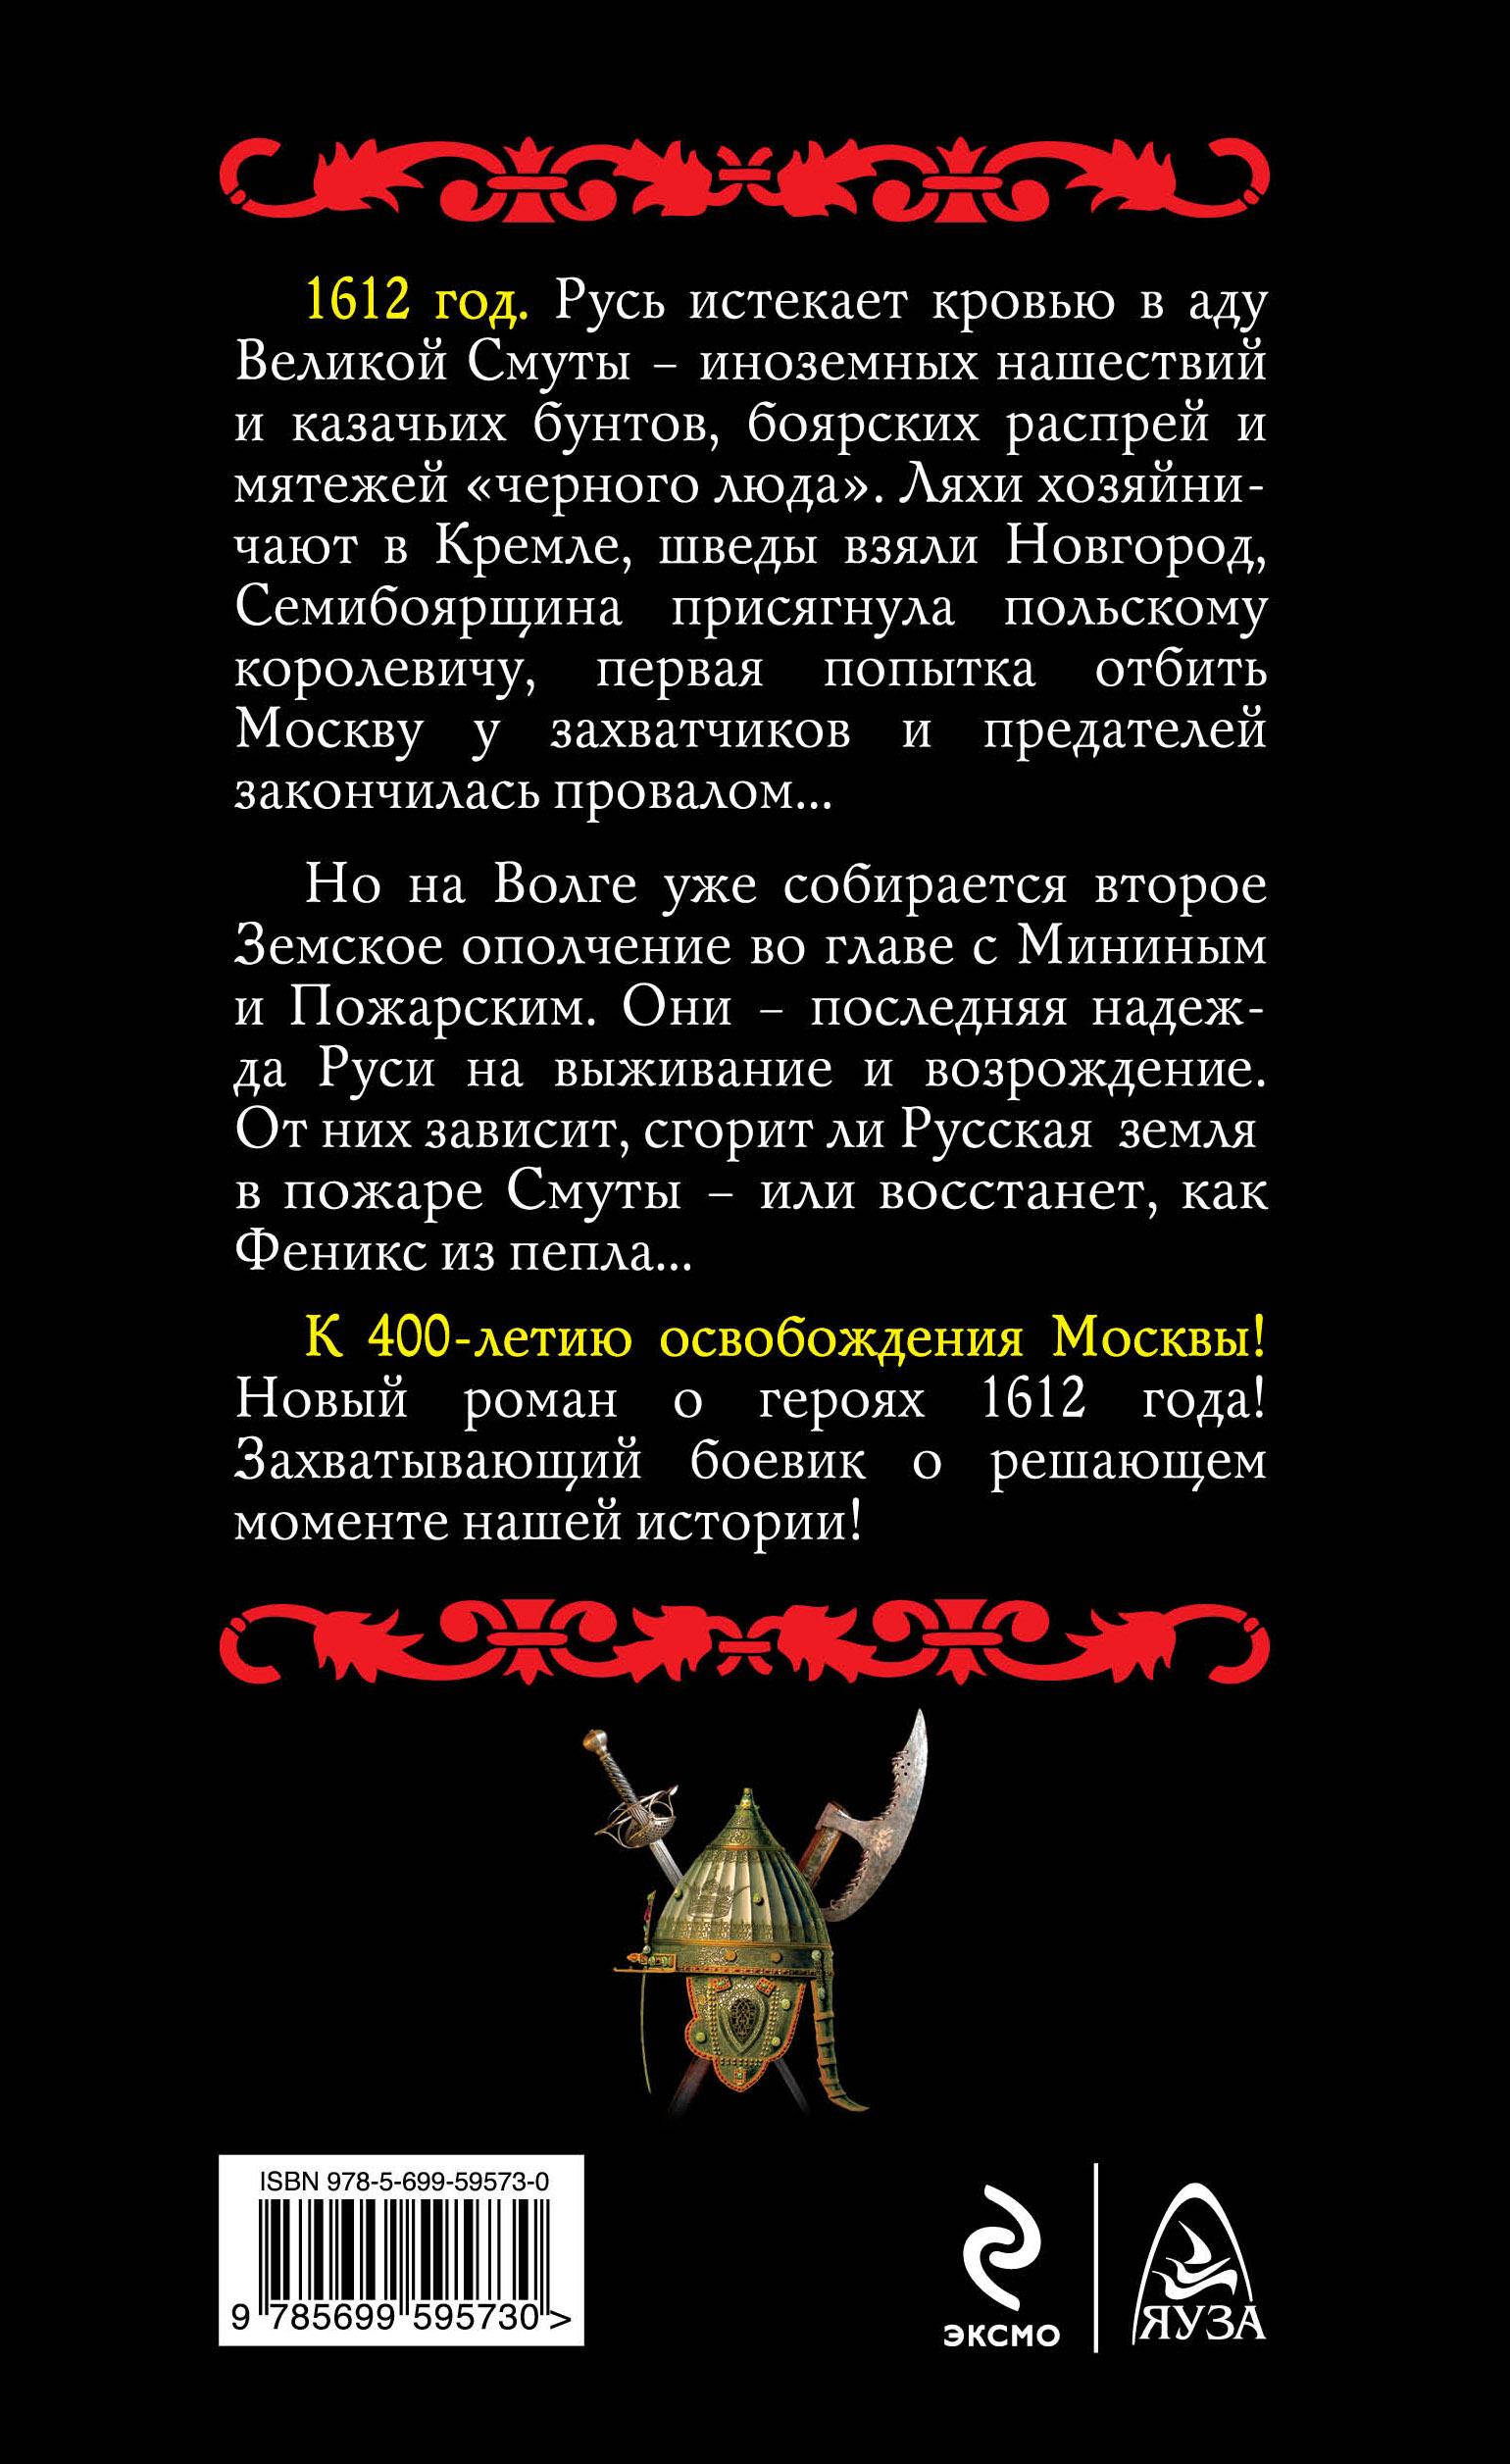 1612. Минин и Пожарский